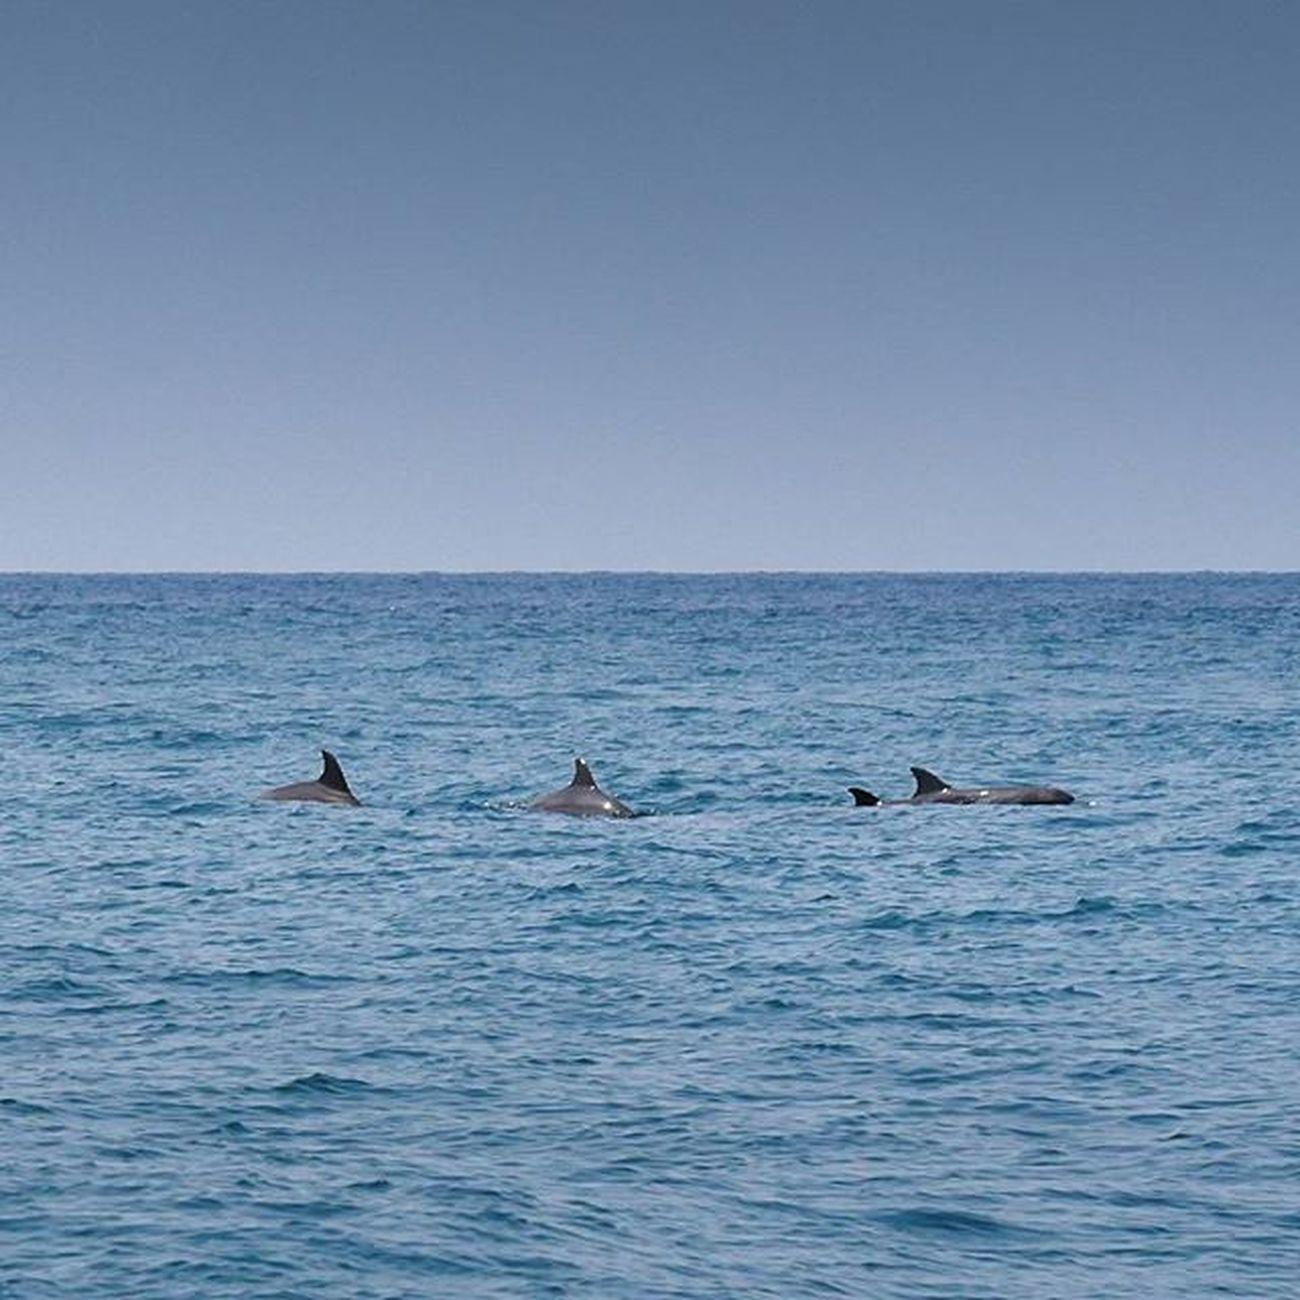 ฝูงโลมามาโชว์ตัว Lumixgx8 4kphoto Loveandaman Islandlife Thailandallshots Thailand Sea Sand Sunbath Phuket Reviewthailand Reviewphuket Beachlife Dolphins Dolphinlove